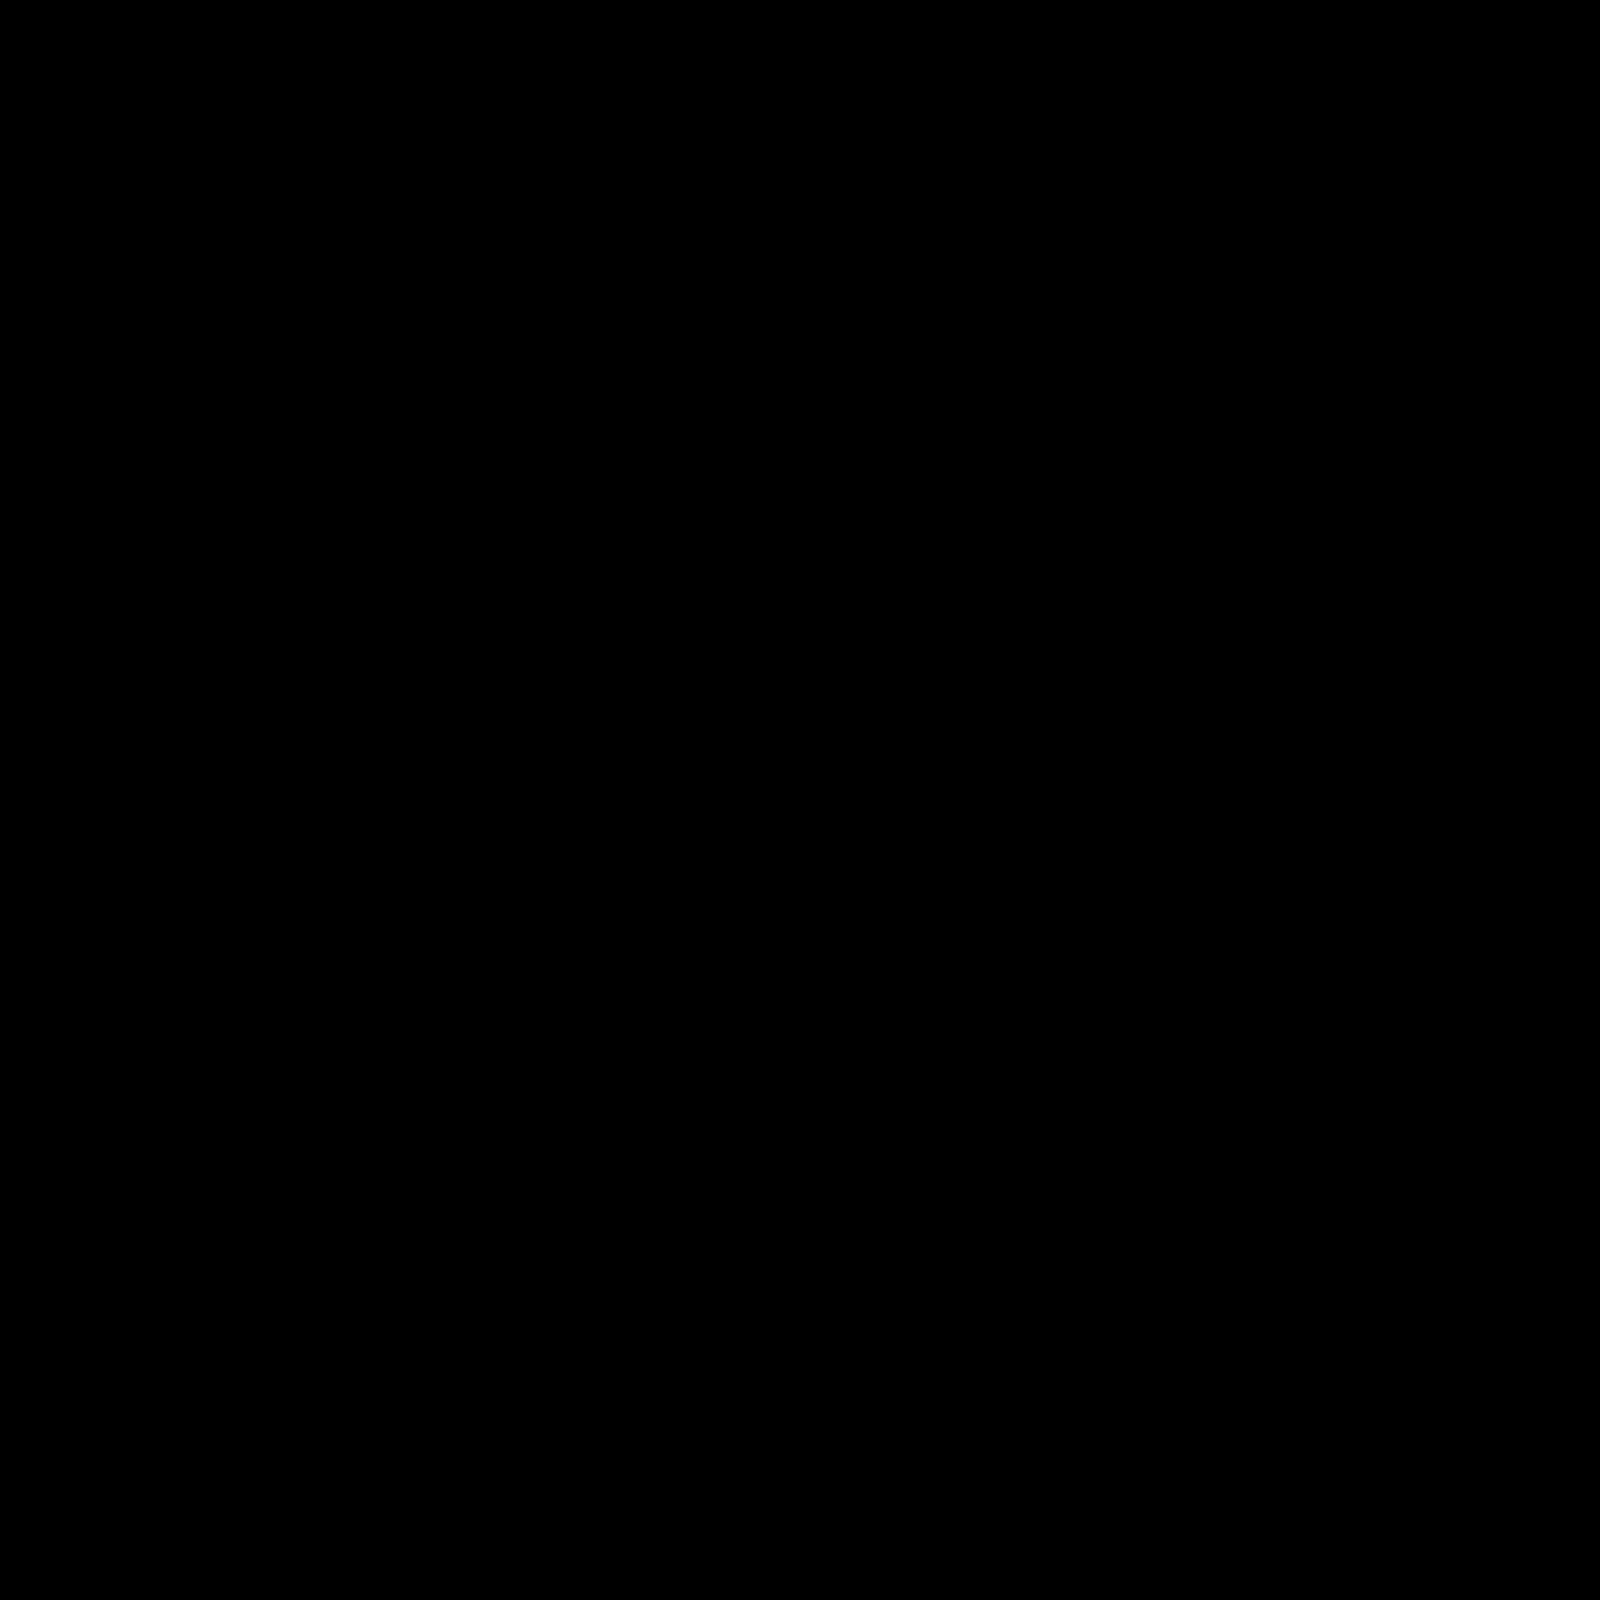 Test fallido icon